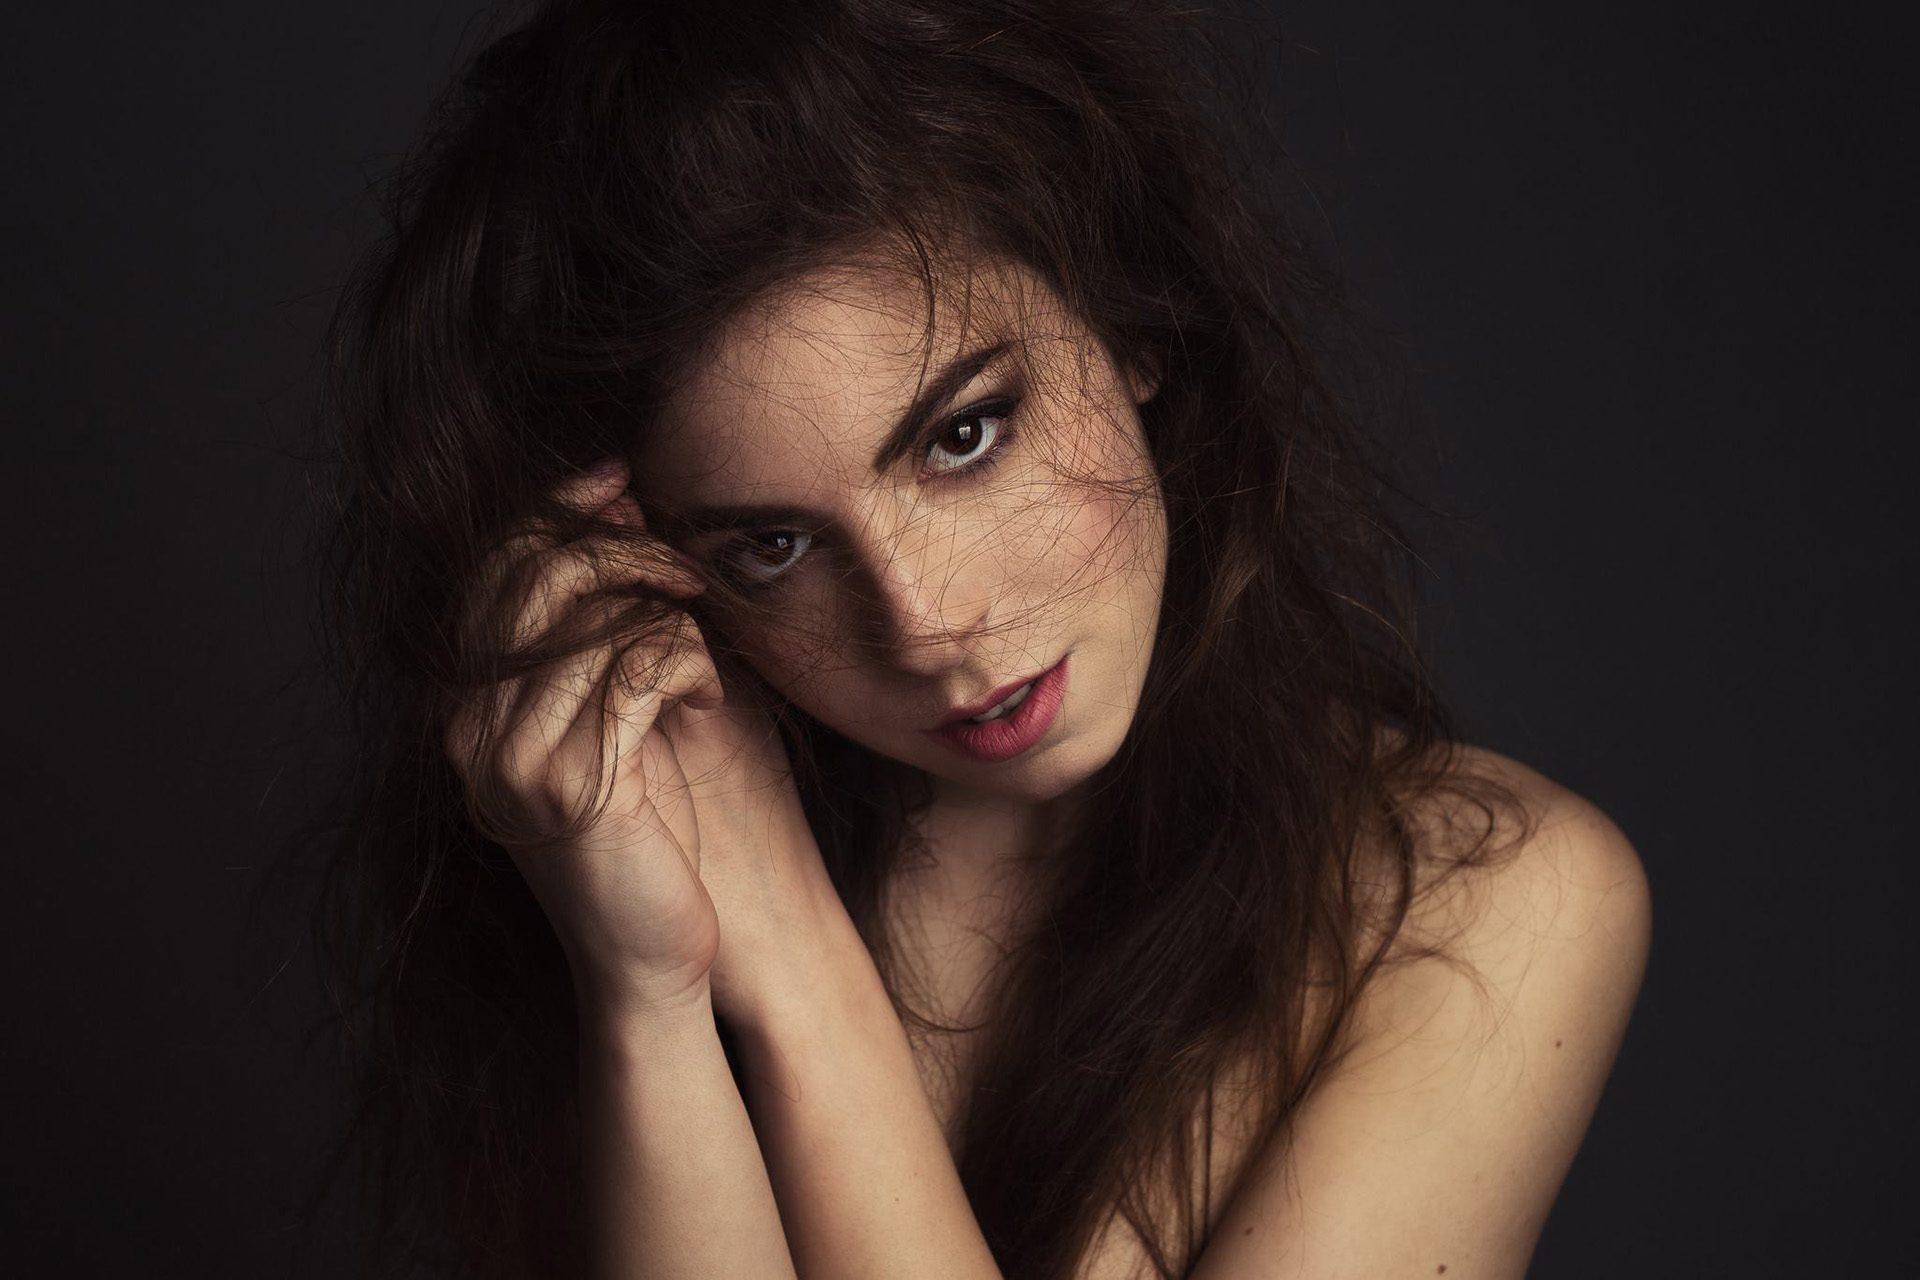 Giulia Rocambole